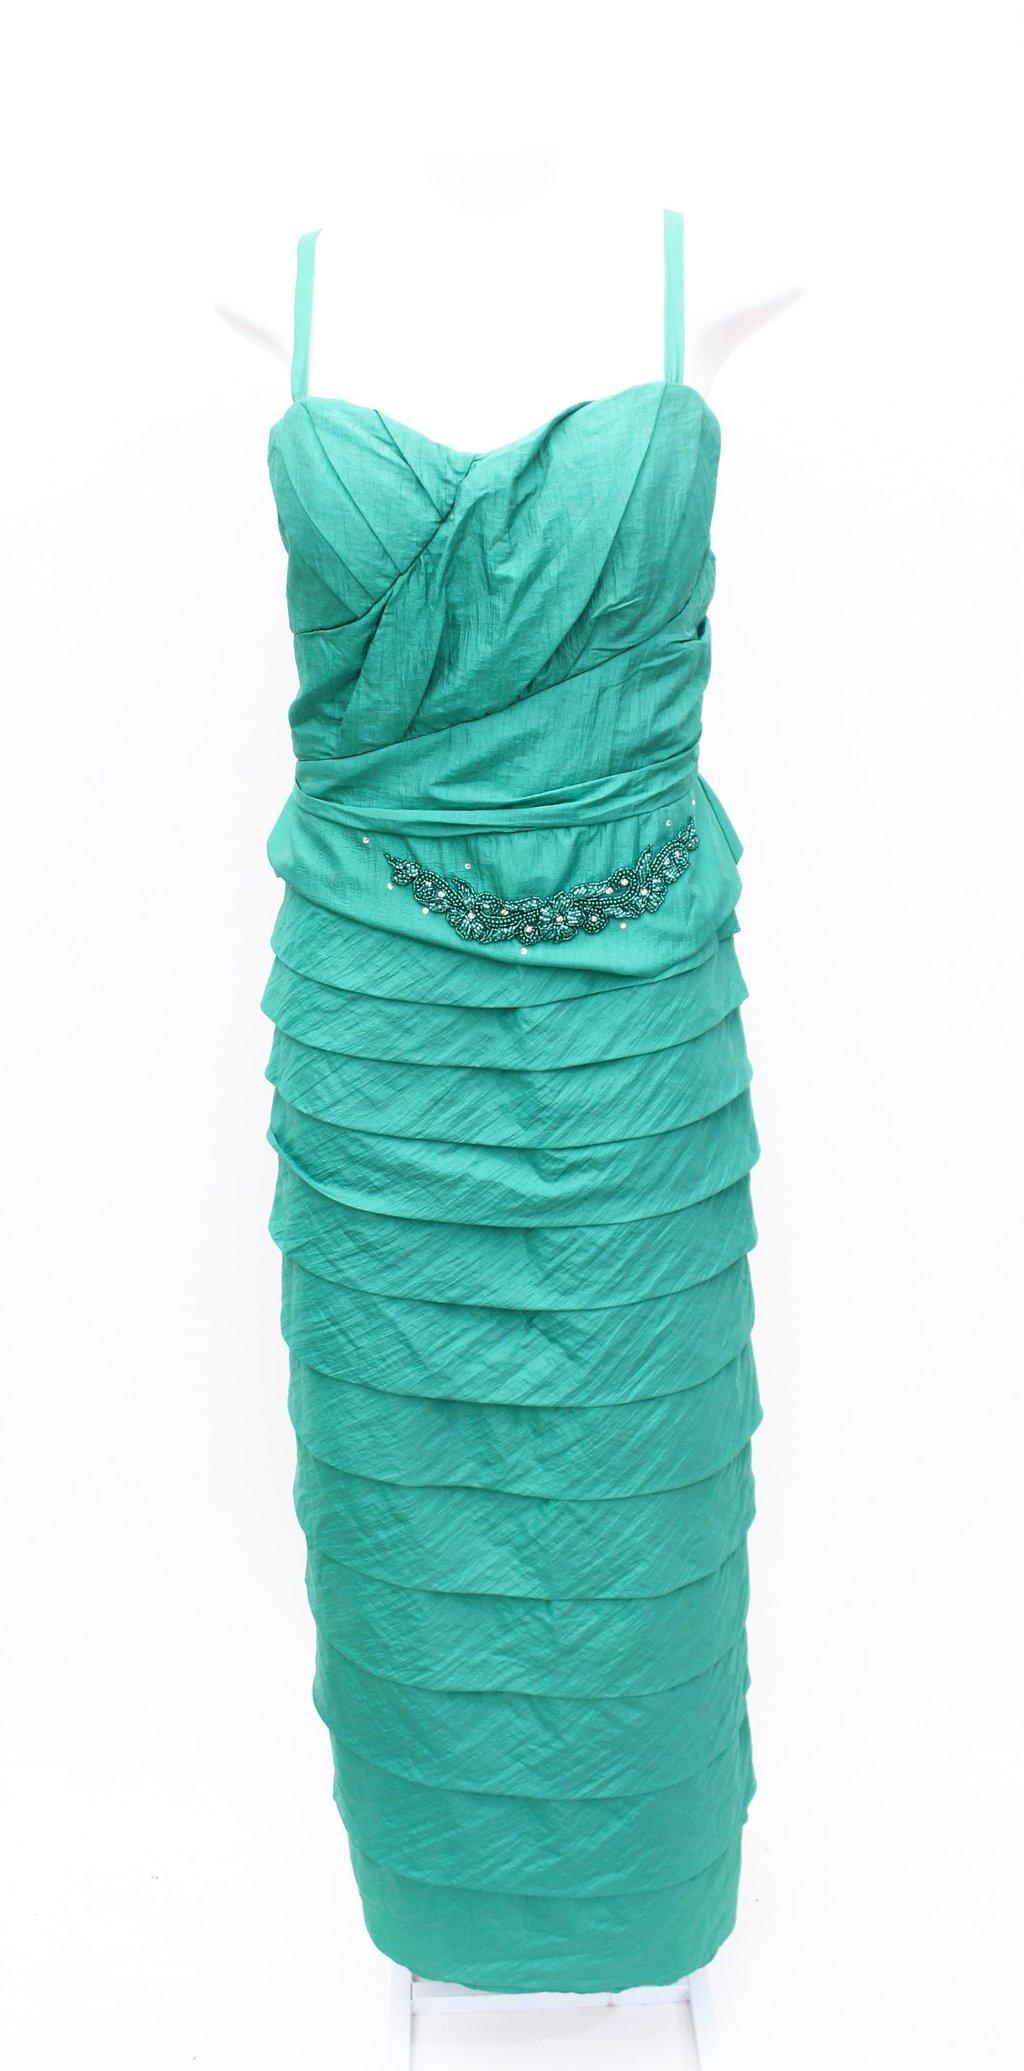 Oferta Vestido Verde Arte Sacra por R$ 365